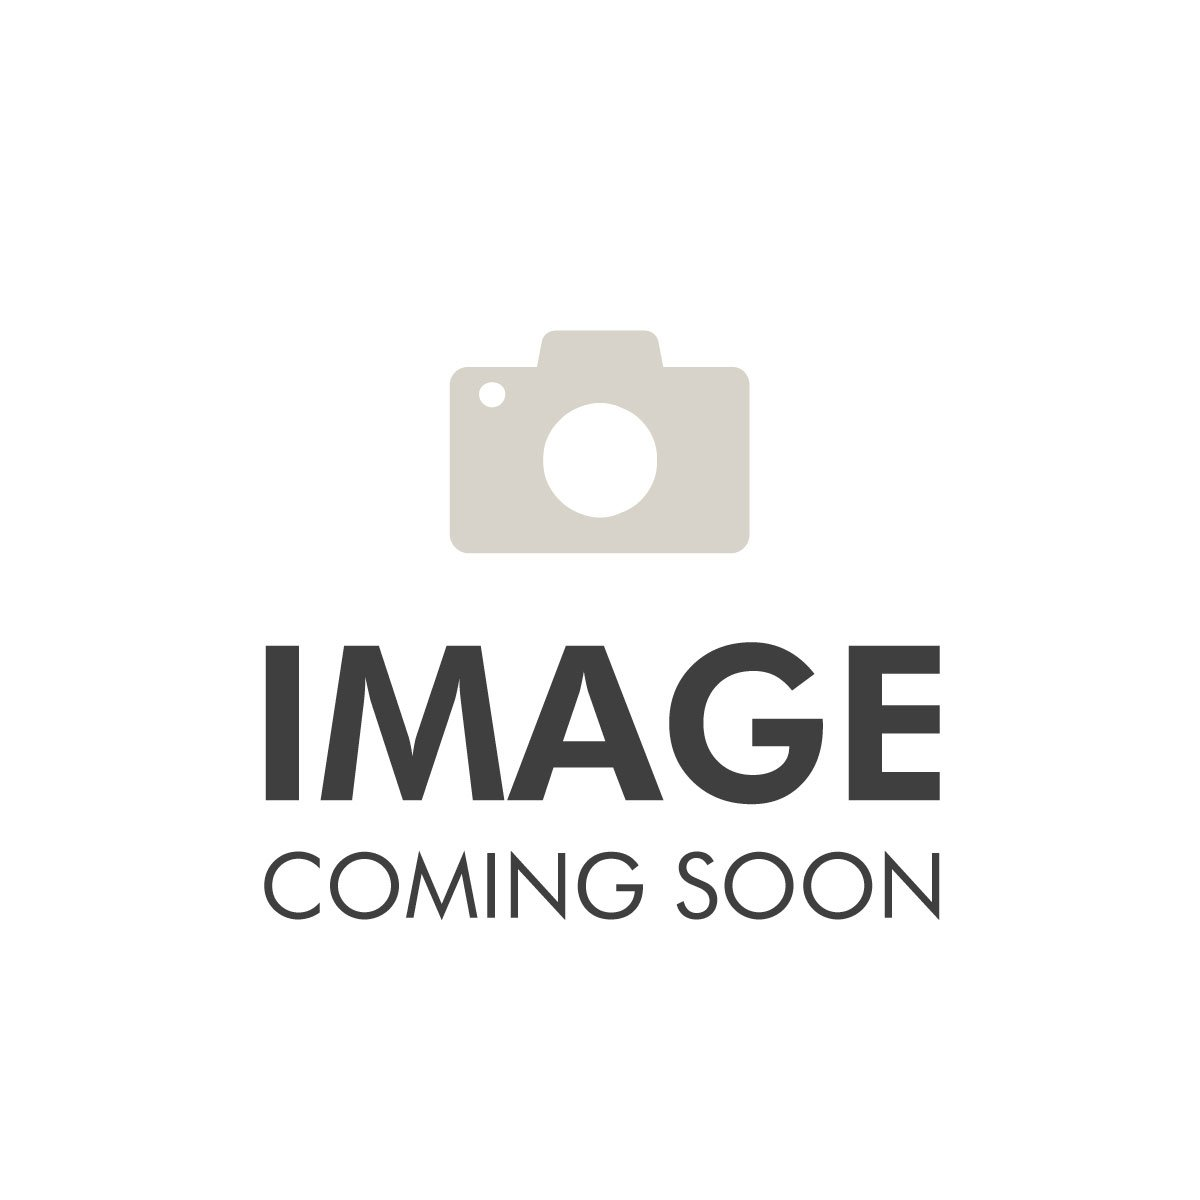 PBT - Foil Lamé - Women - Standard